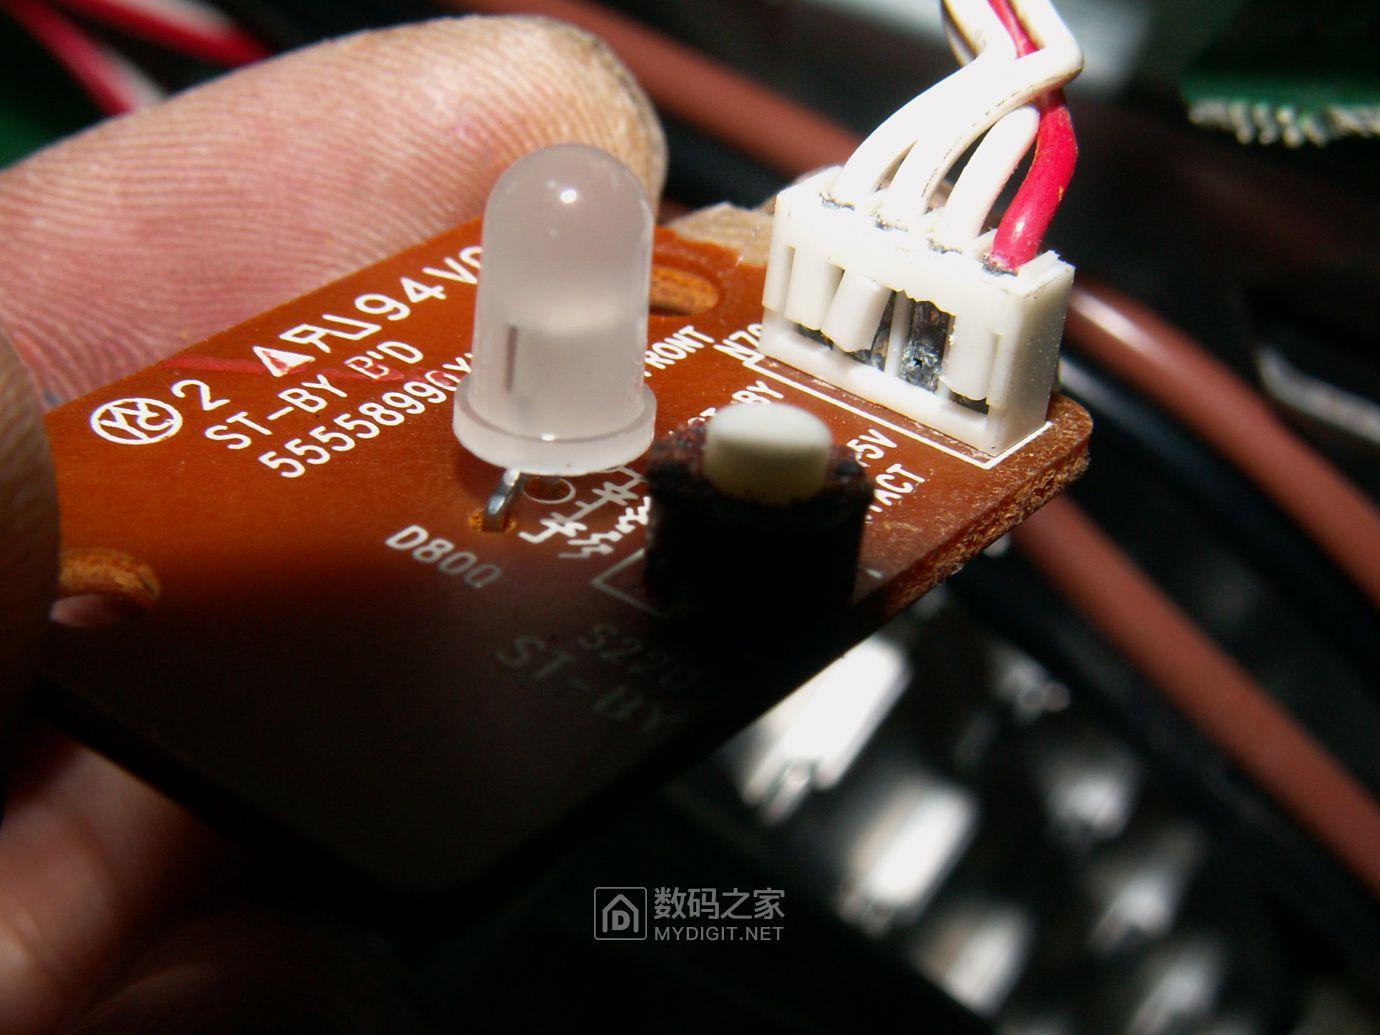 【热点】维修利利普OWON-SDS8102V示波器旋钮失灵,拆机更换全部编码器 数码拆机百科 第49张